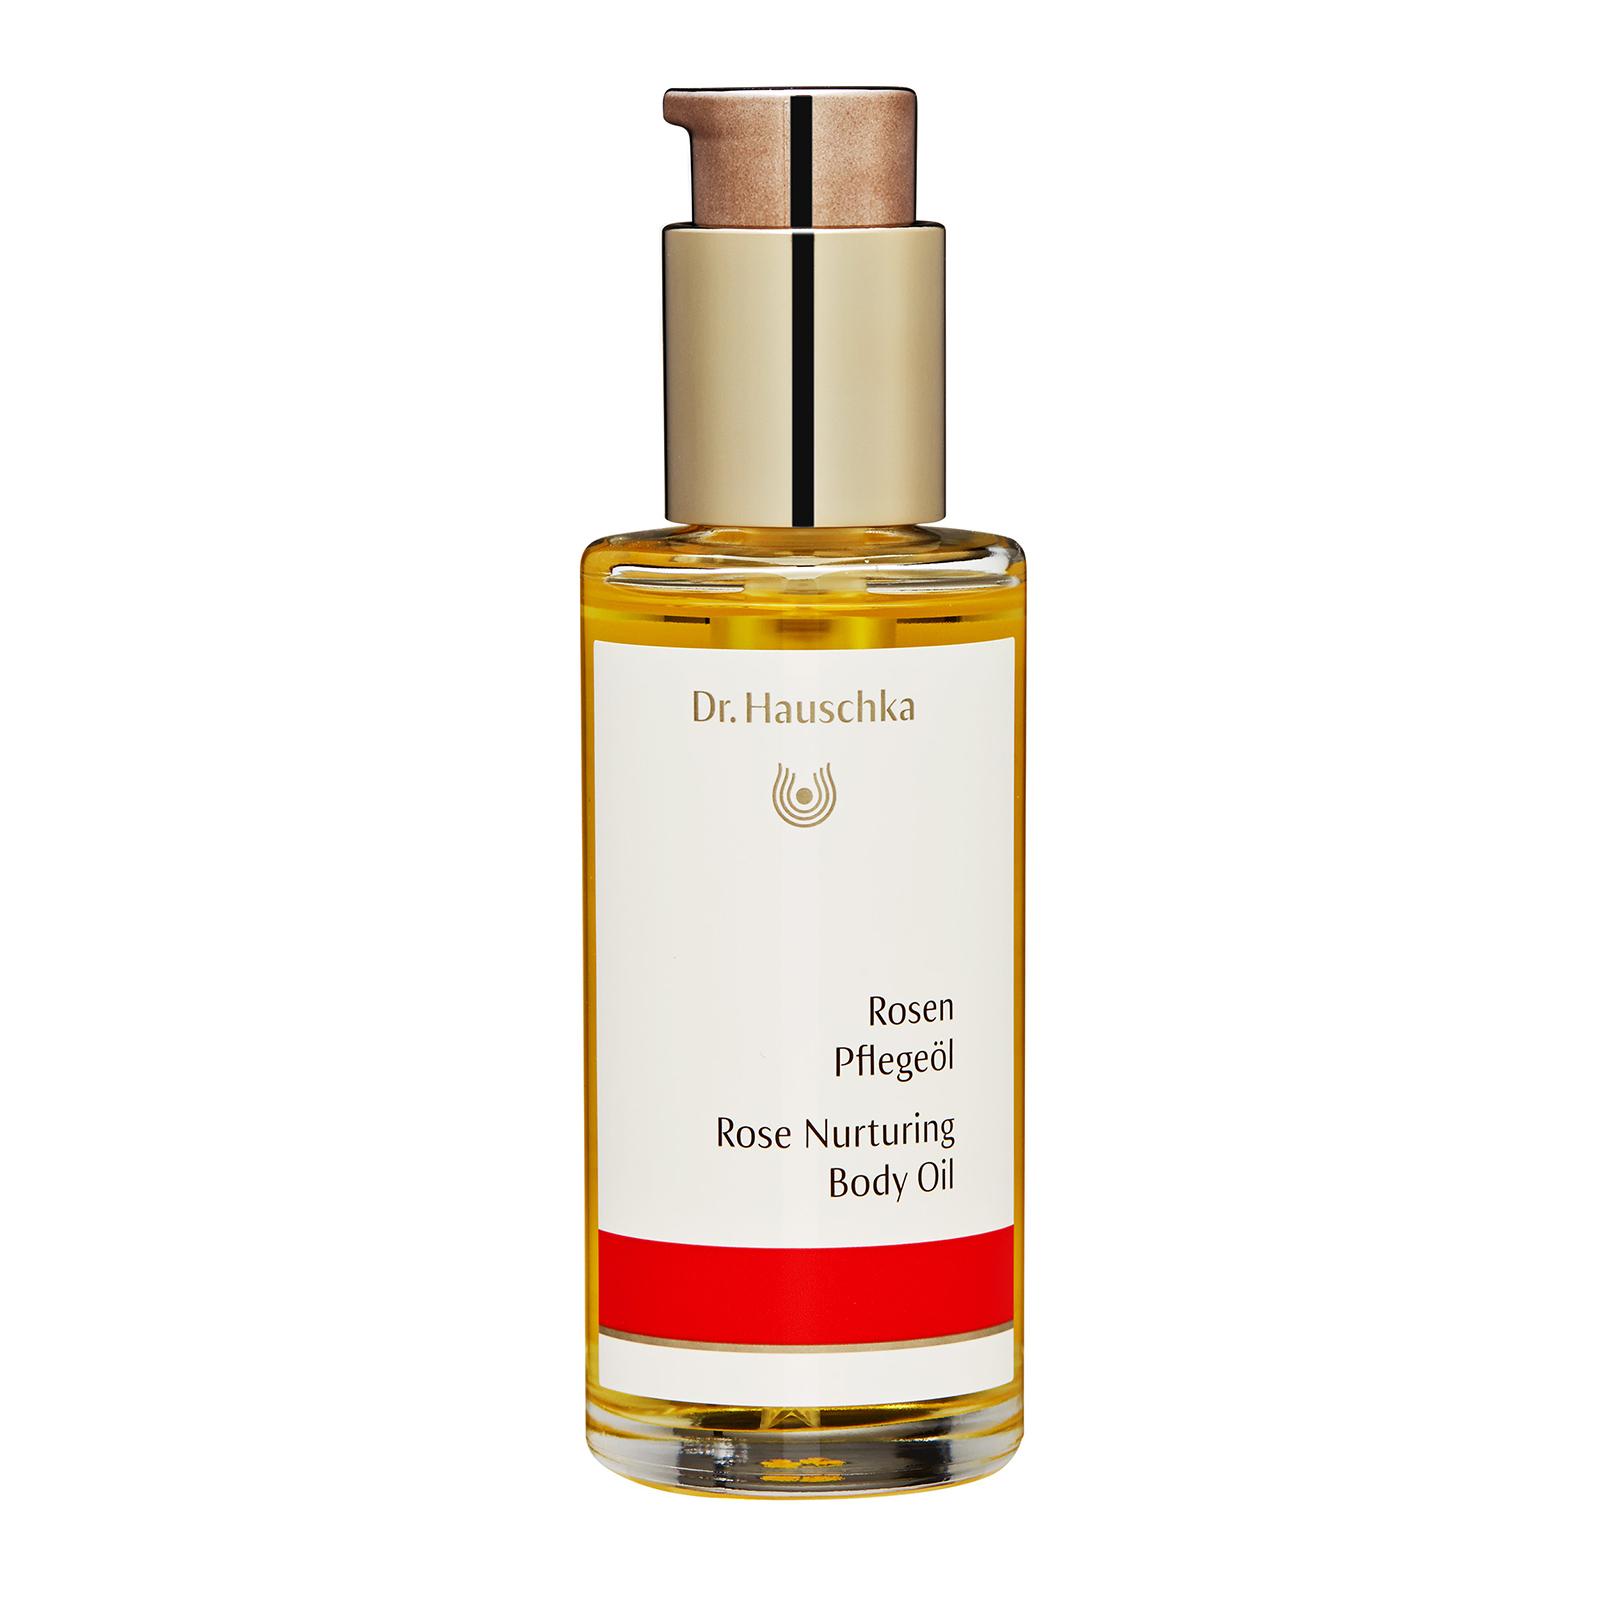 Dr. Hauschka  Rose Nurturing Body Oil 75ml,